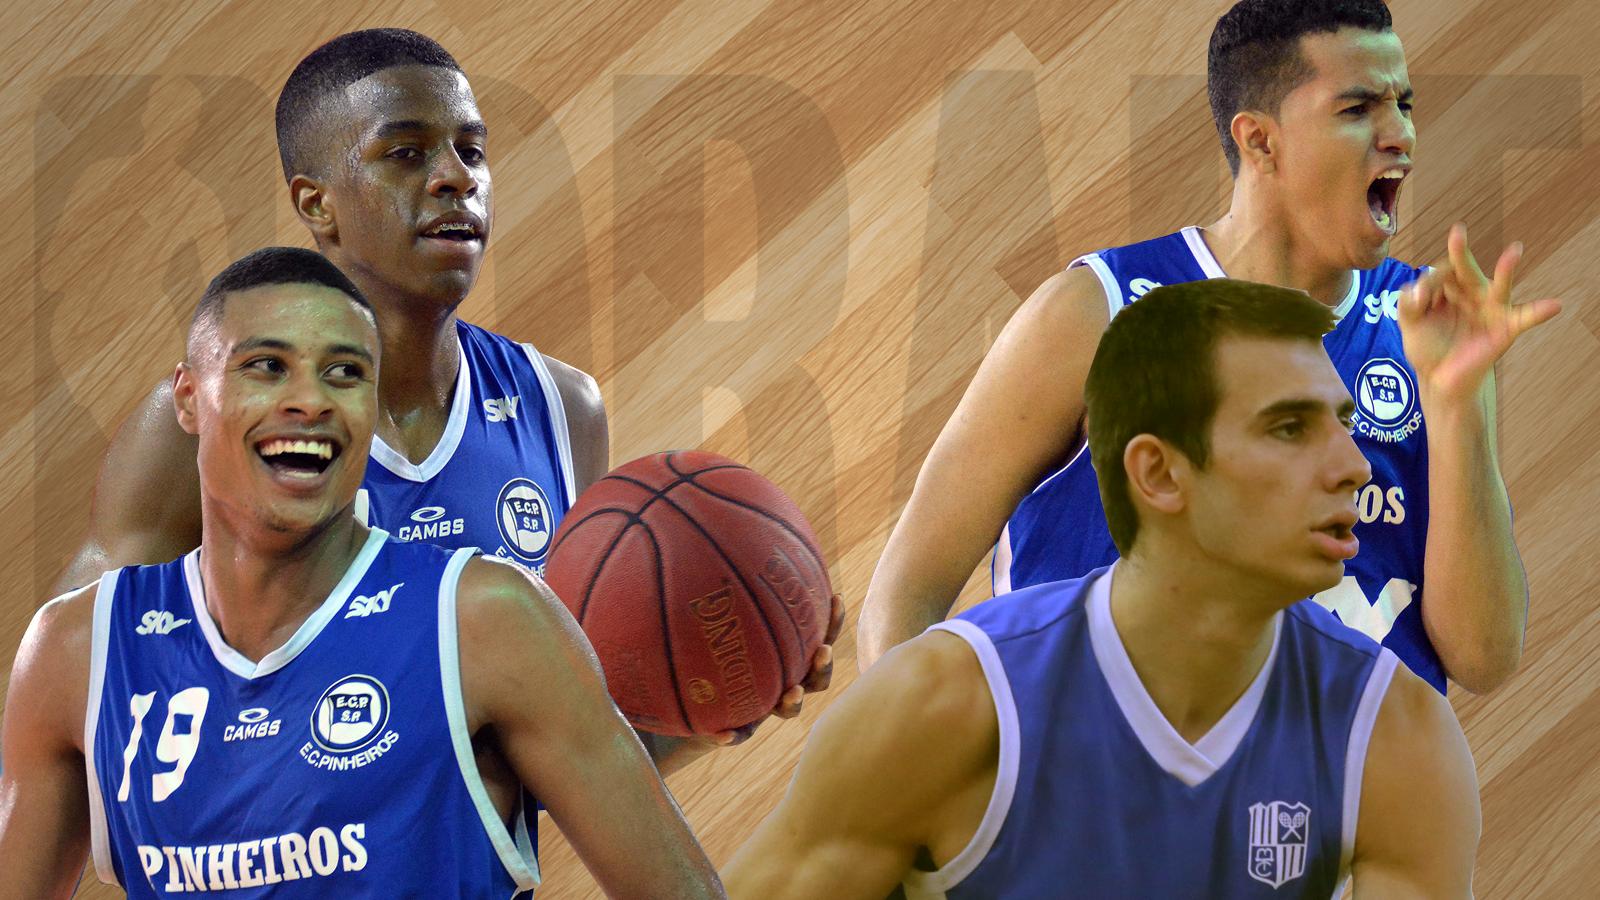 Georginho, Lucas Dias, Humberto e Danilo Siqueira representarão o Brasil no próximo Draft da NBA (Montagem/LNB)